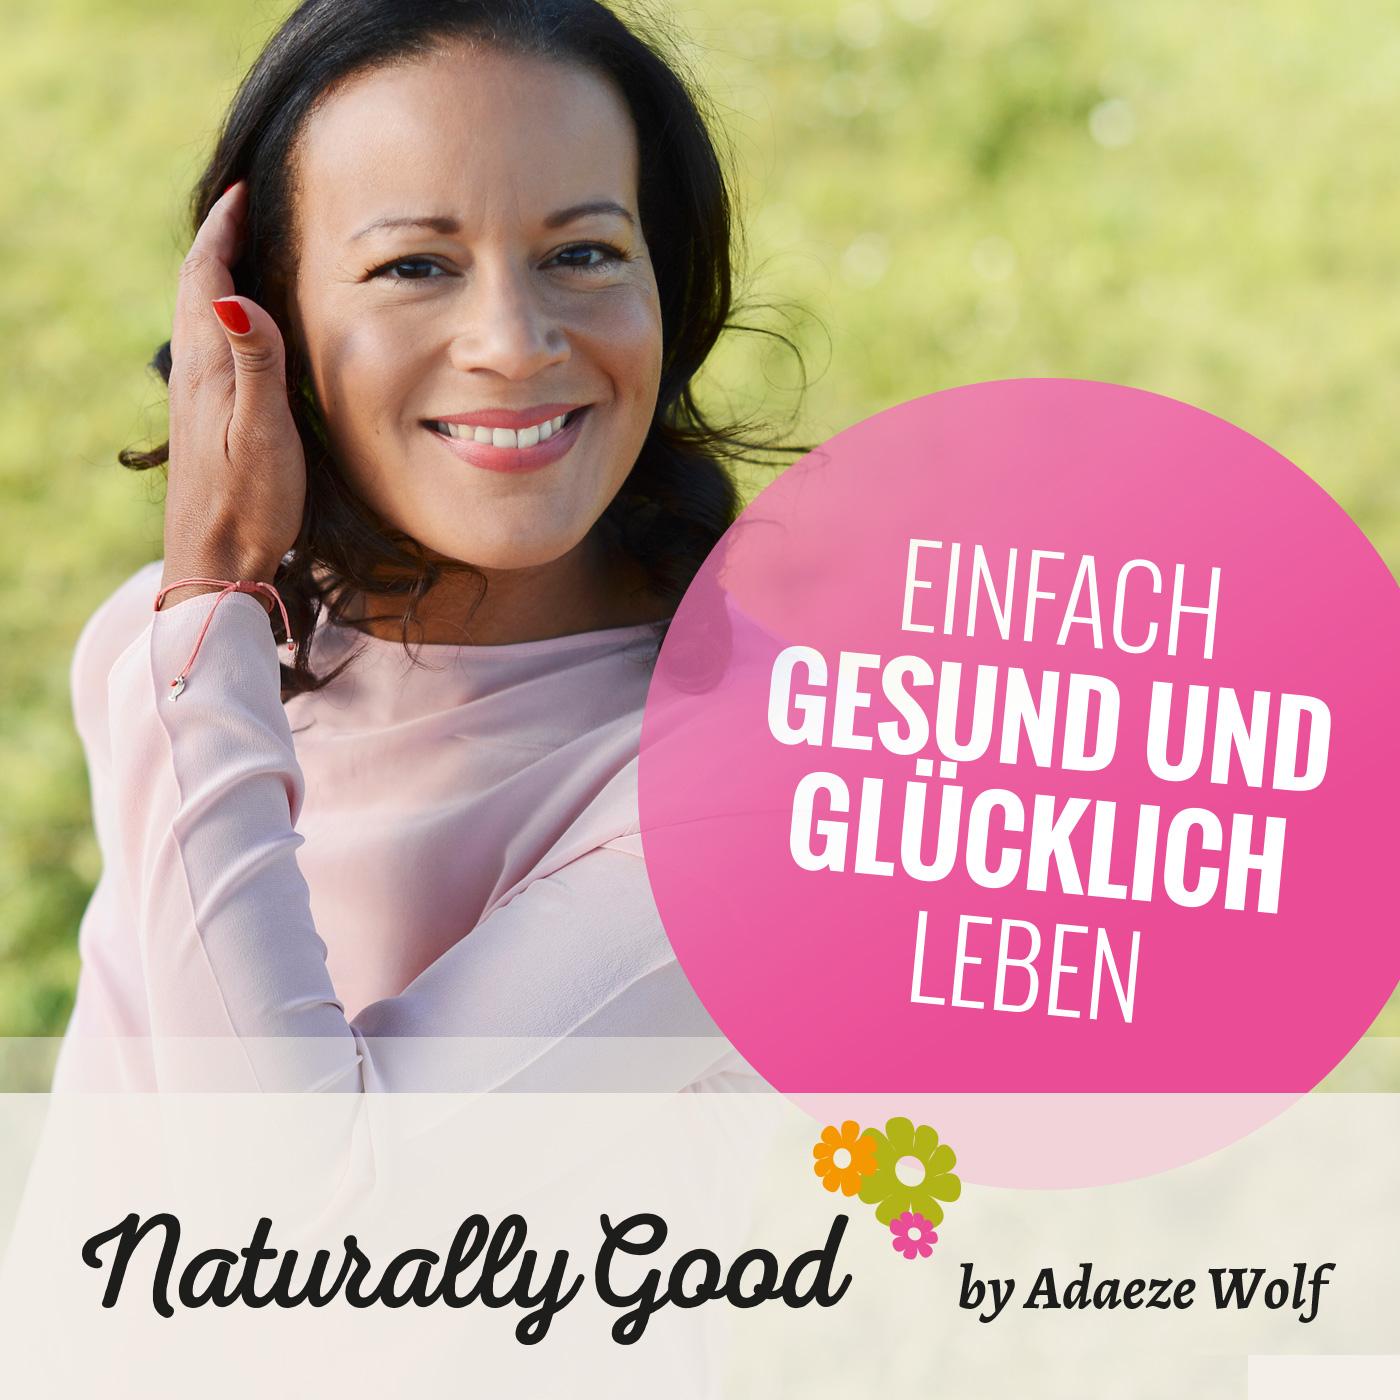 Naturally Good | Einfach gesund und glücklich leben